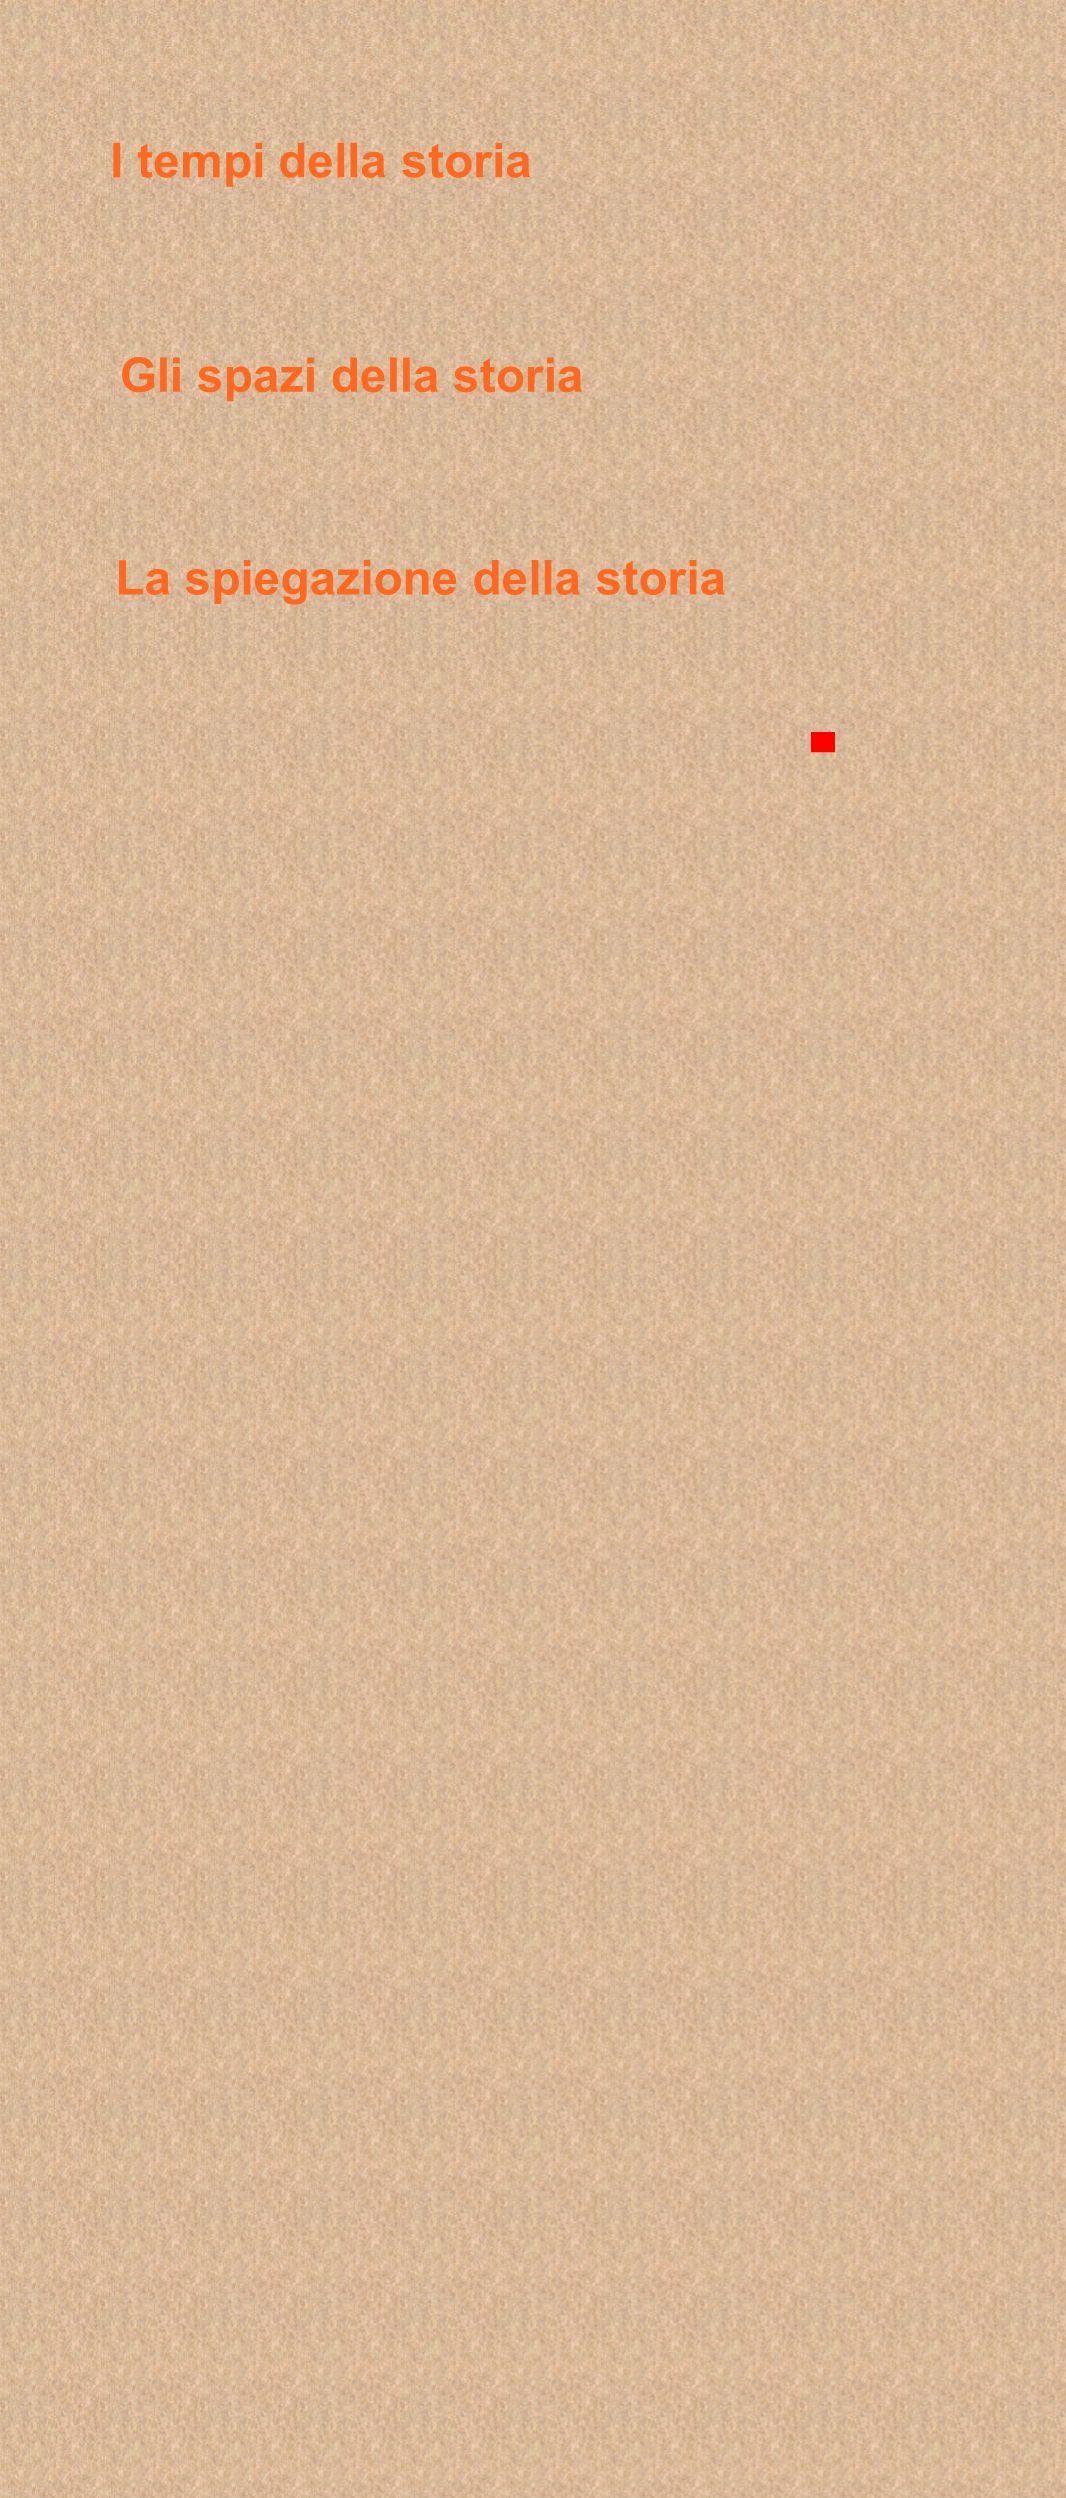 Dopo aver visitato il sito a cui è collegata l immagine scrivi una breve didascalia Che cosa è accaduto ?